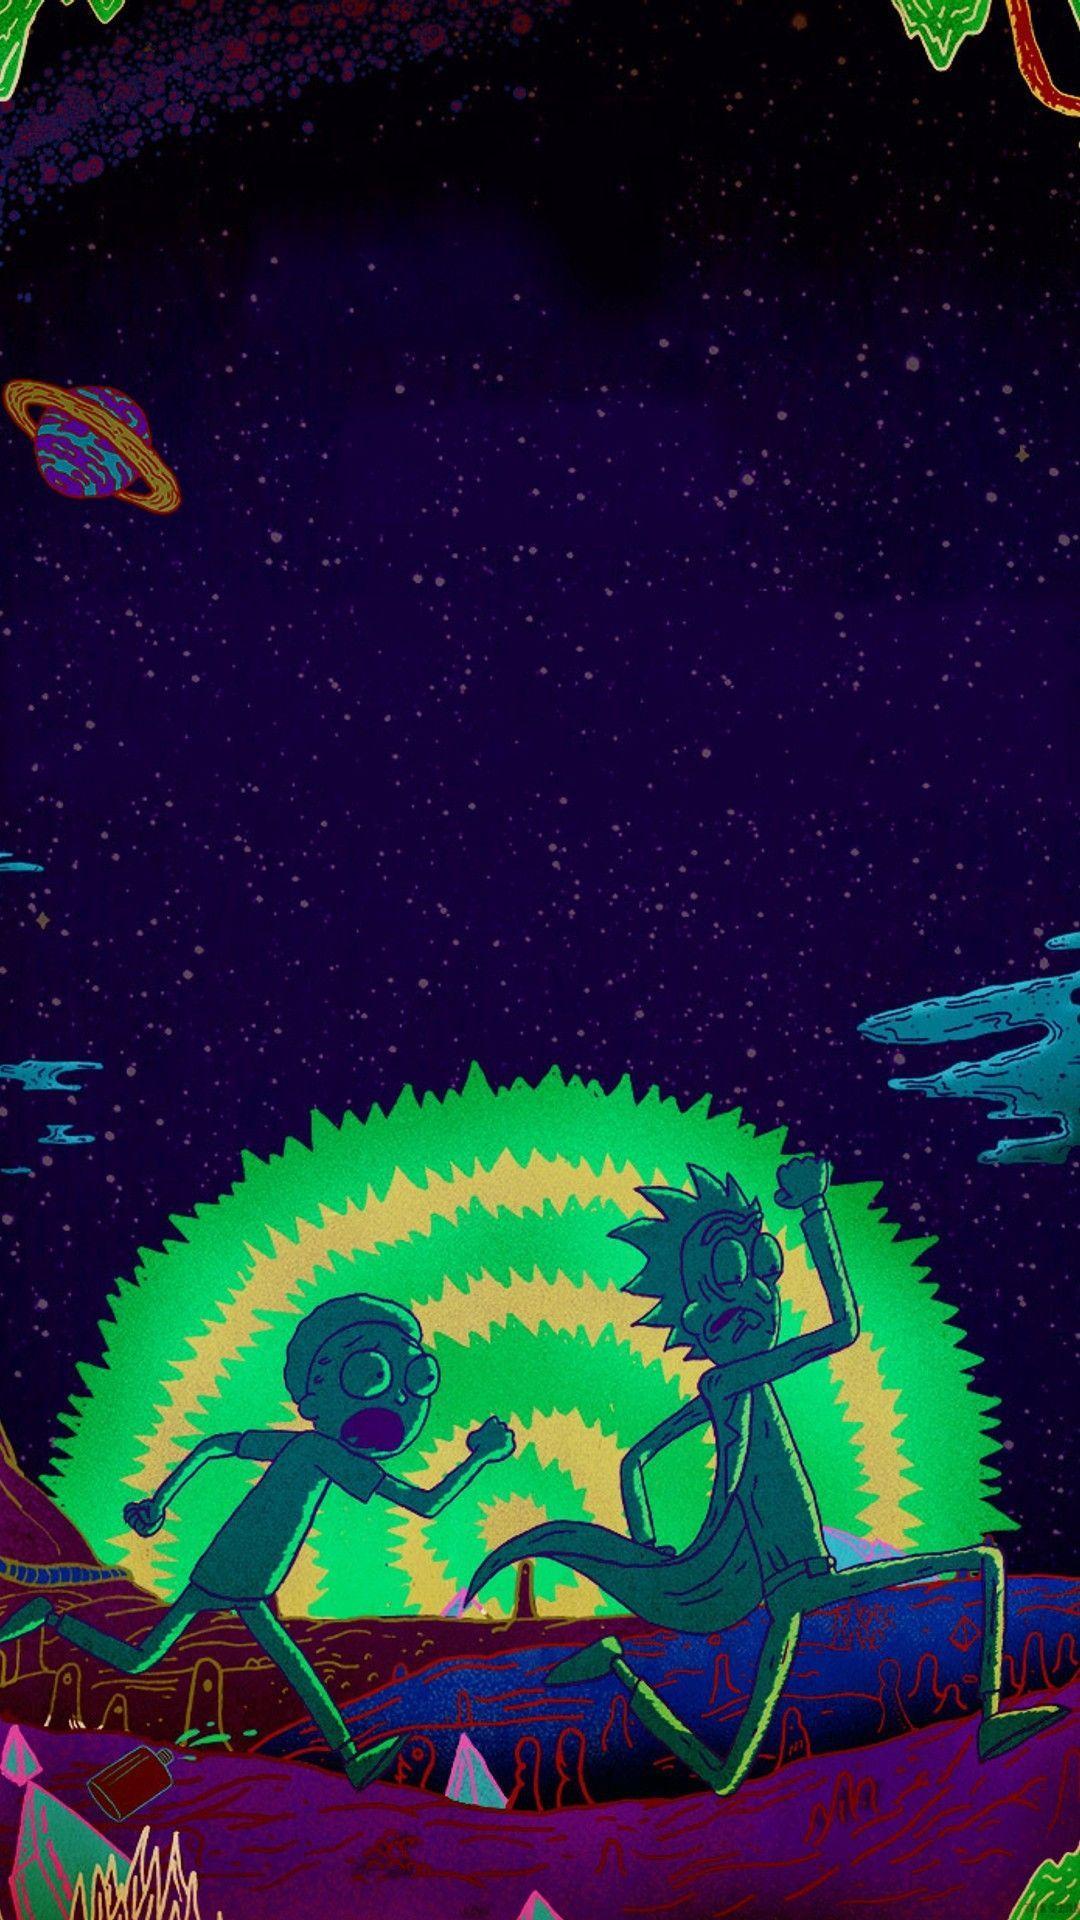 1080x1920 Rick and Morty i Phones hình nền.  Hình nền điện thoại 2020 HD